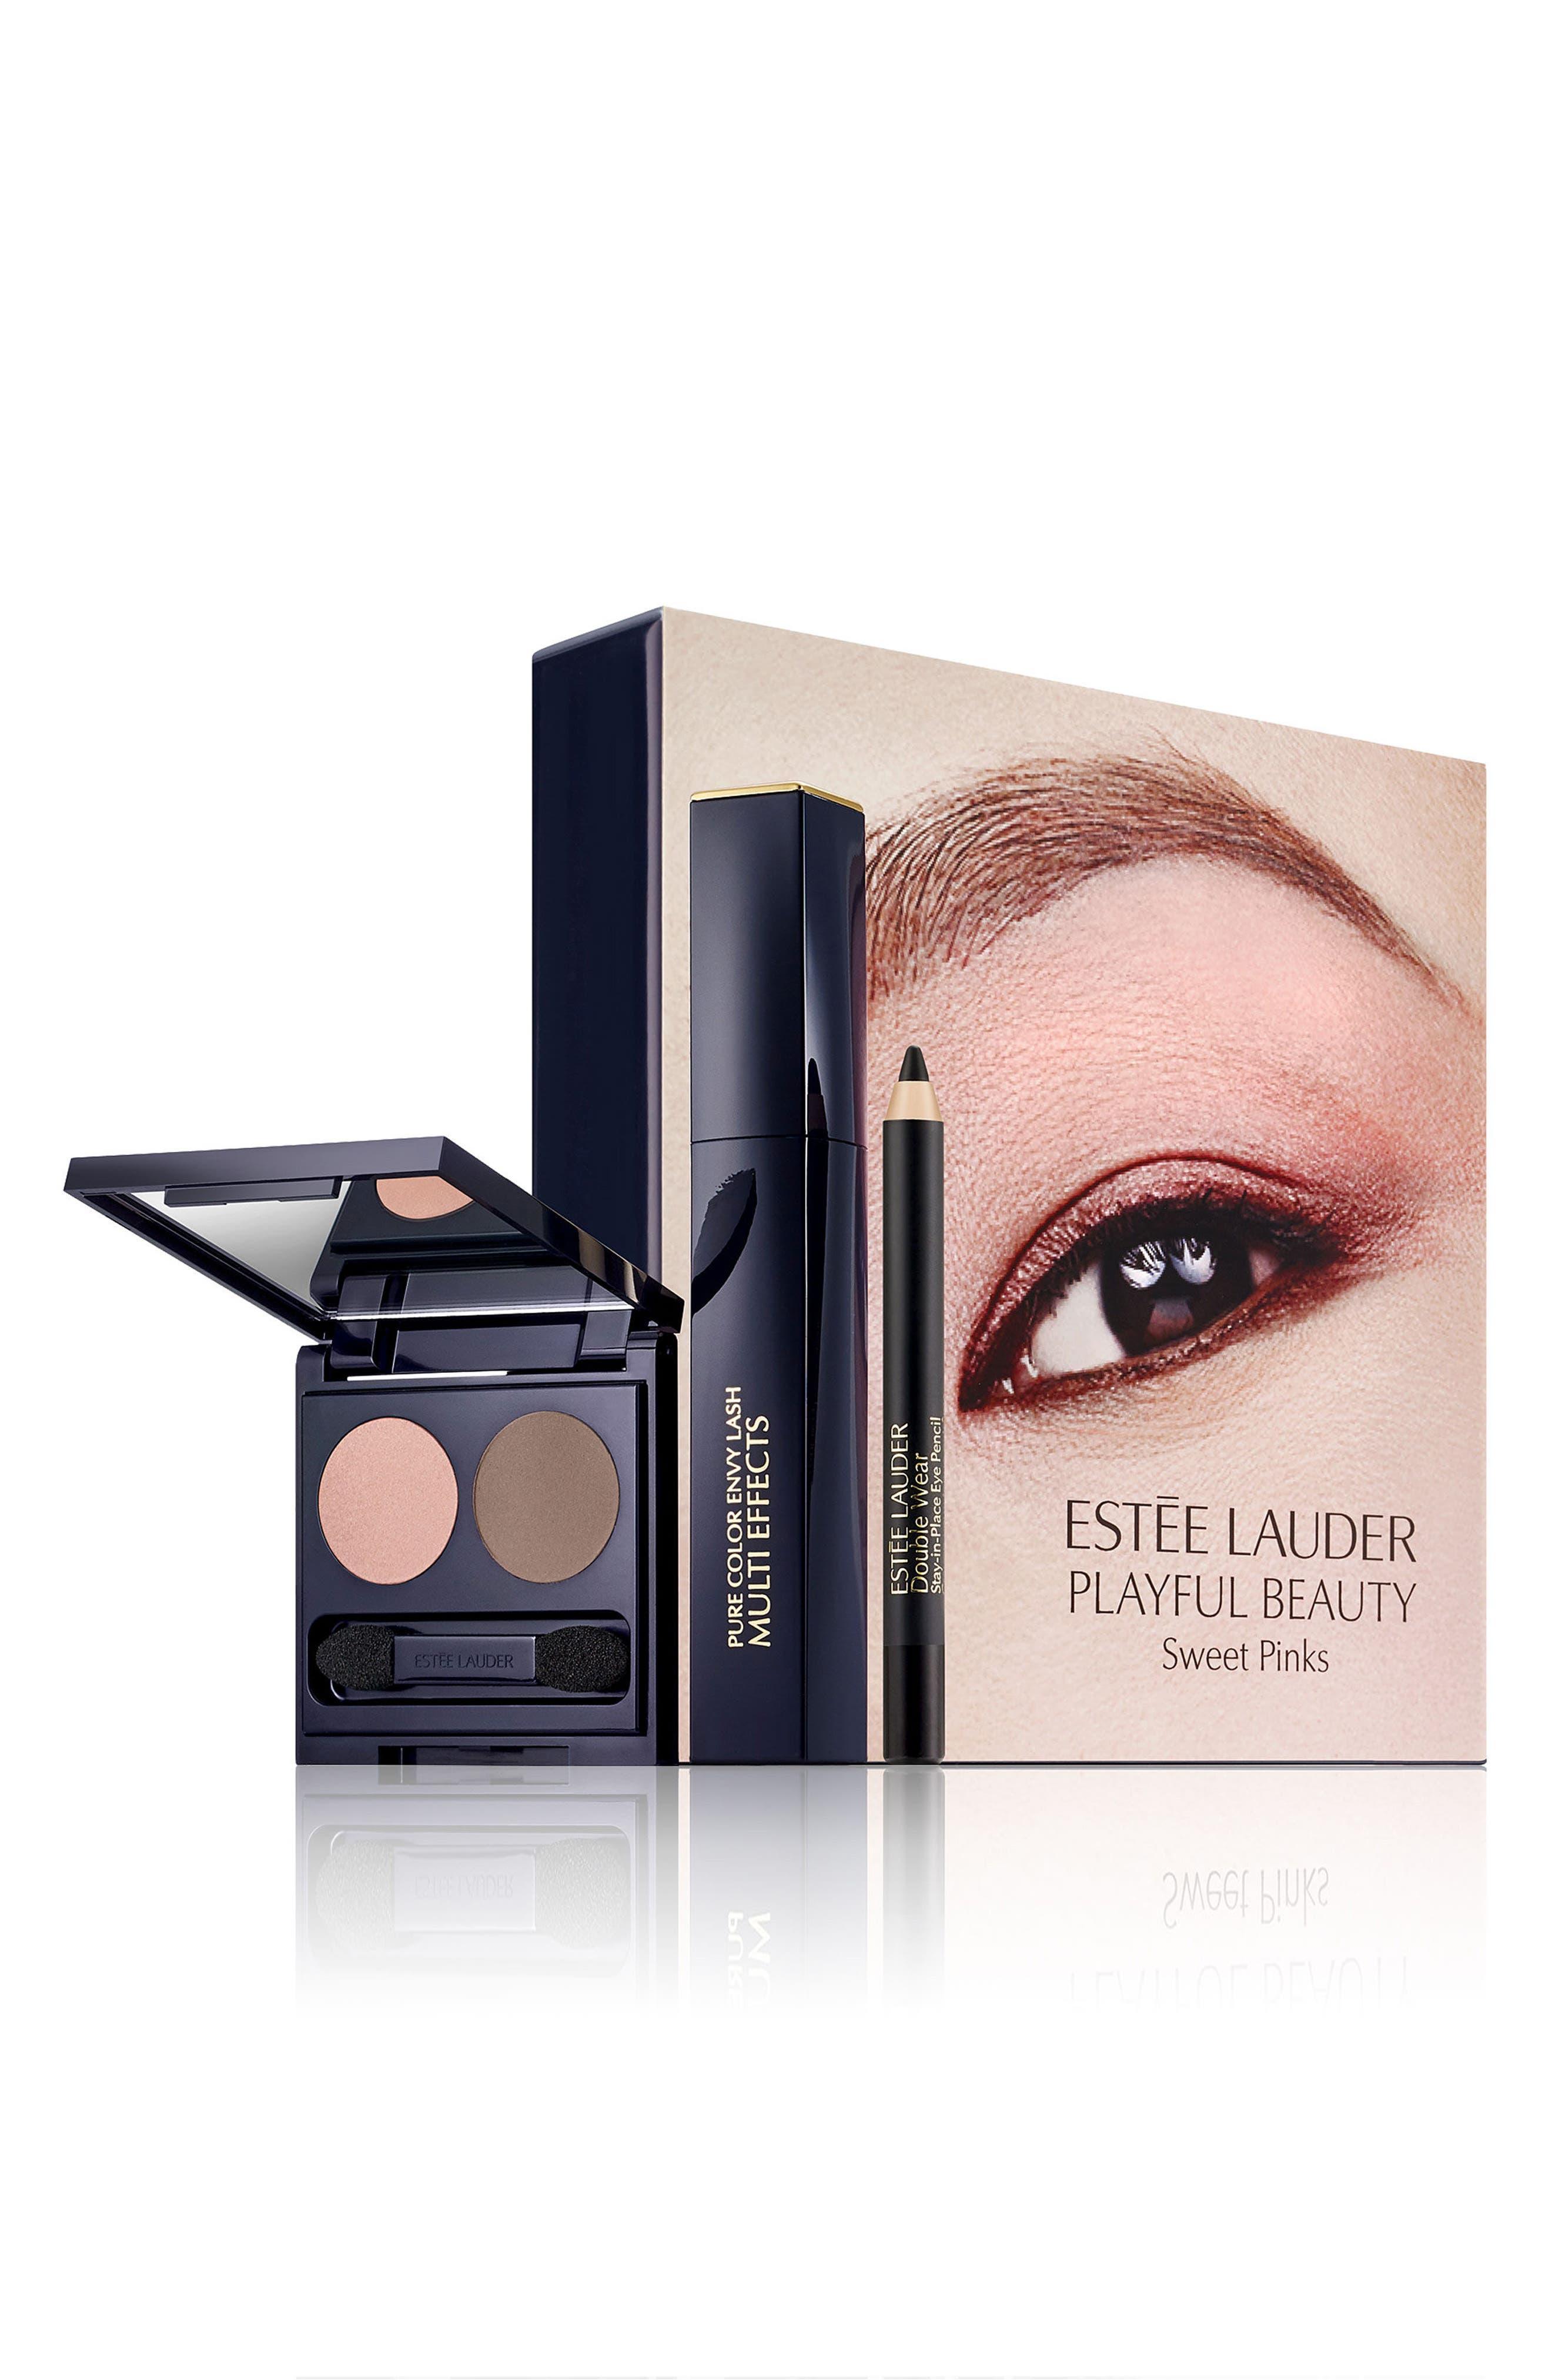 Sweet Pink Eyeshadow, Mascara & Liner Set,                             Main thumbnail 1, color,                             000